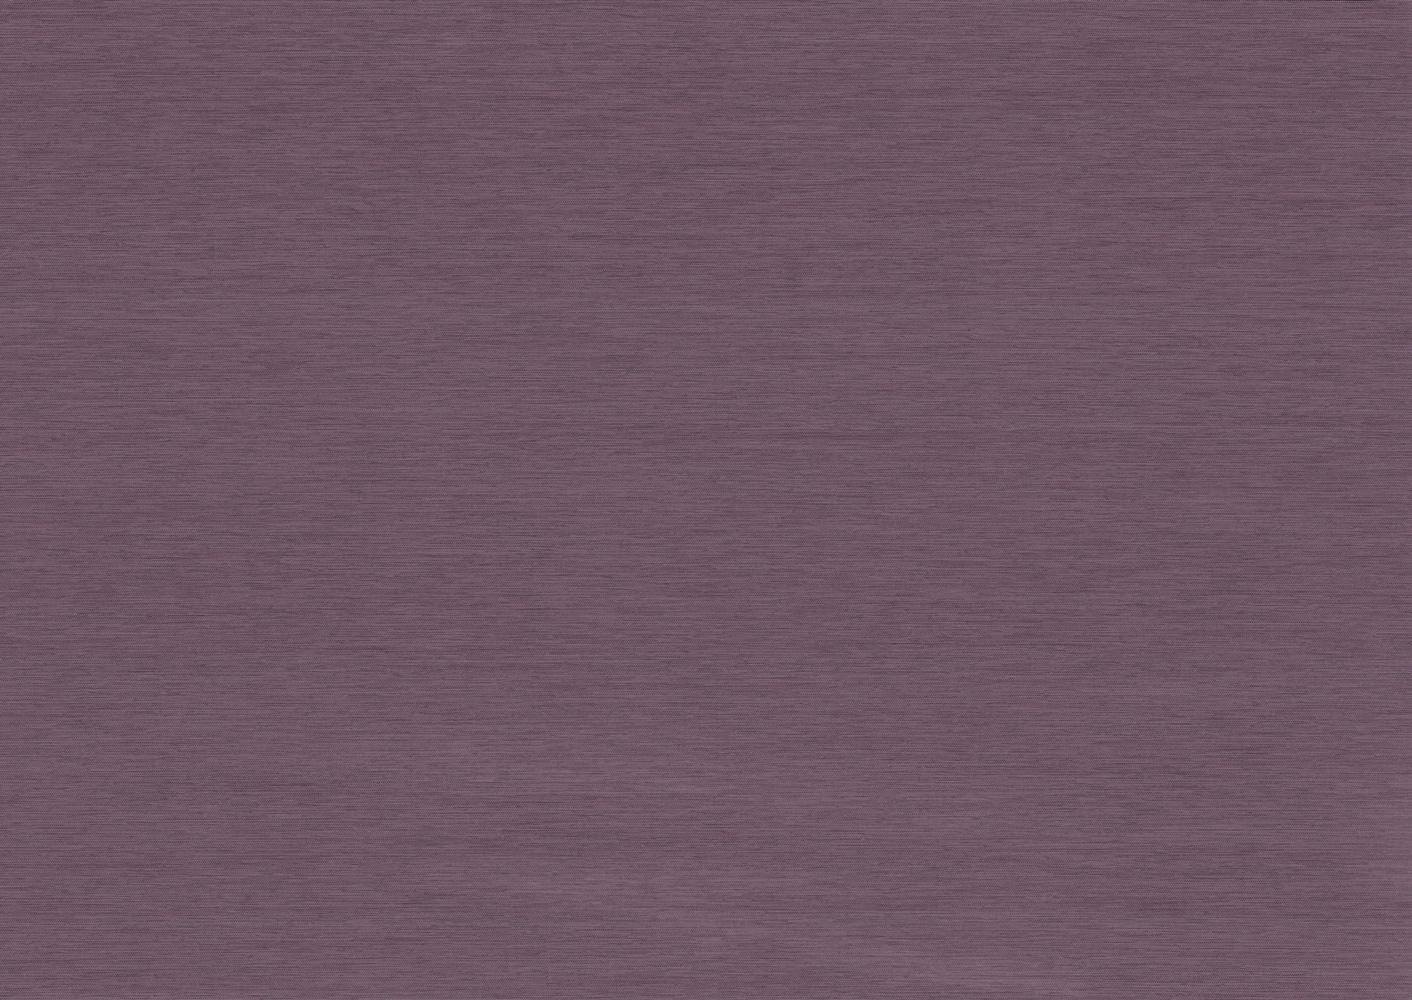 Лусто-фиолетовый